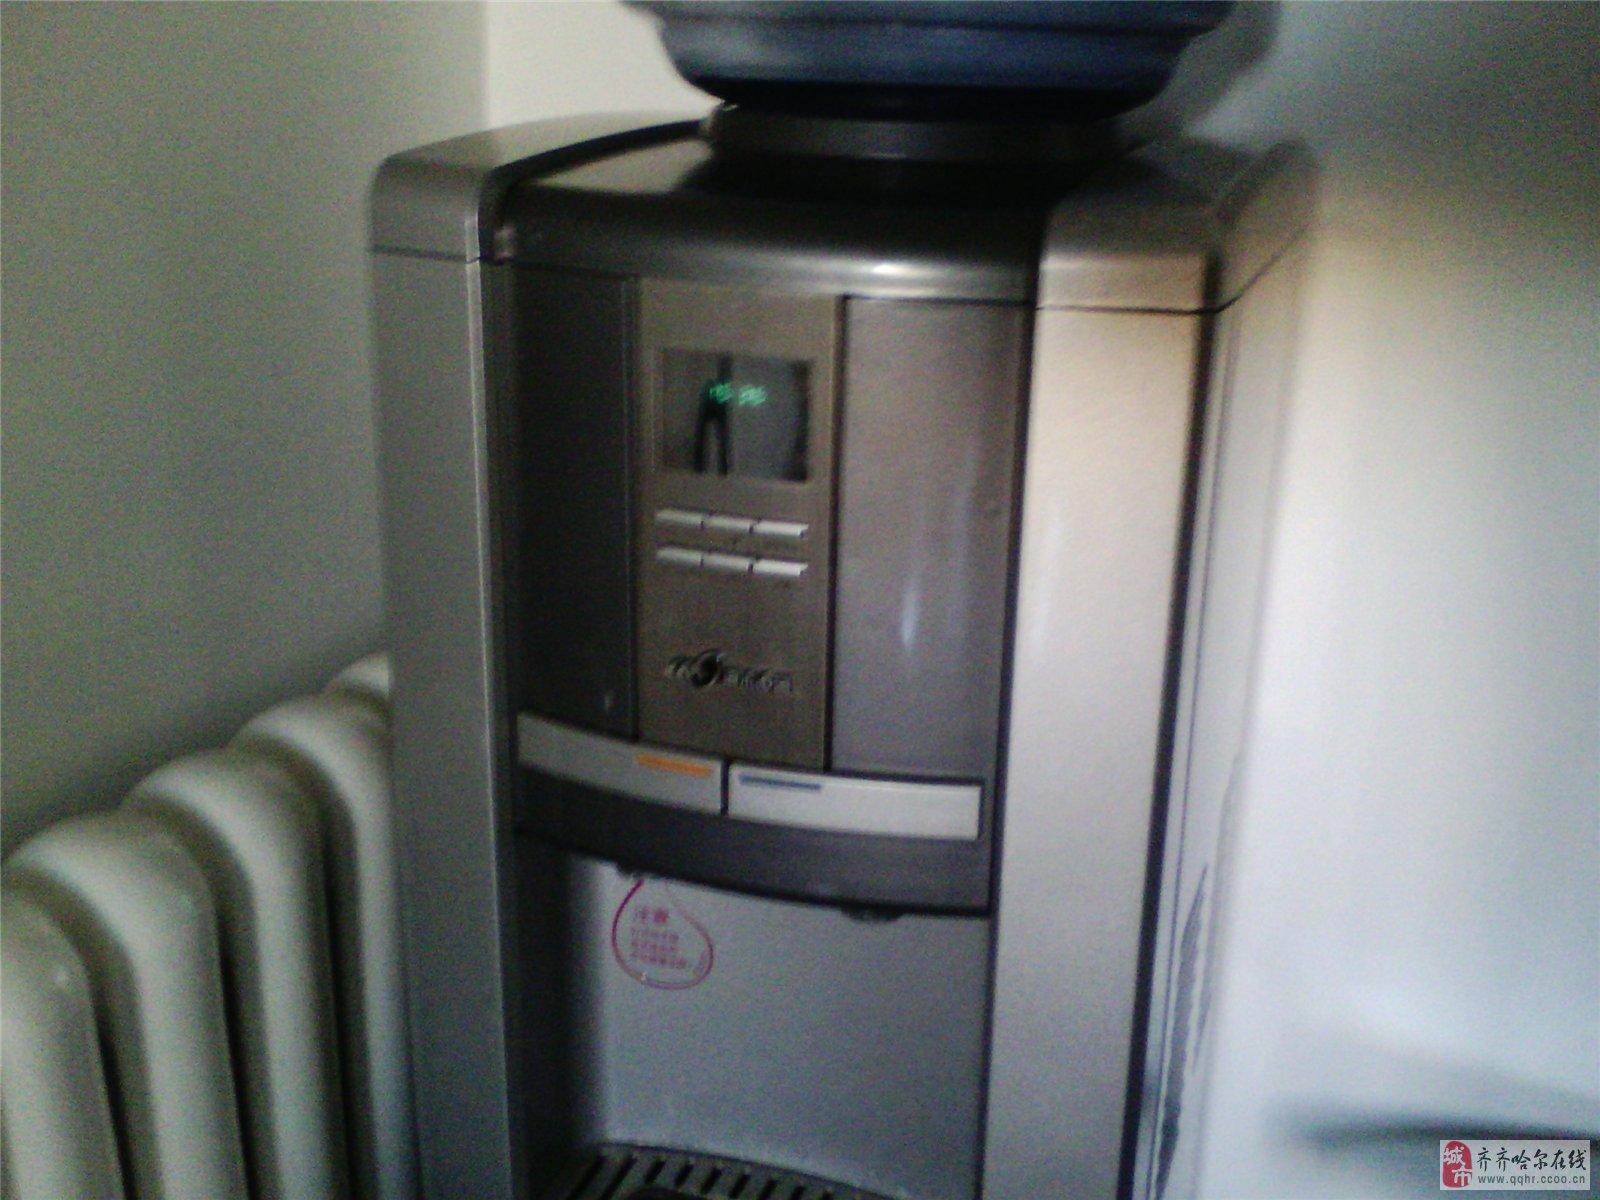 自用制冷制热安吉尔饮水机及电脑压缩机浪木牌